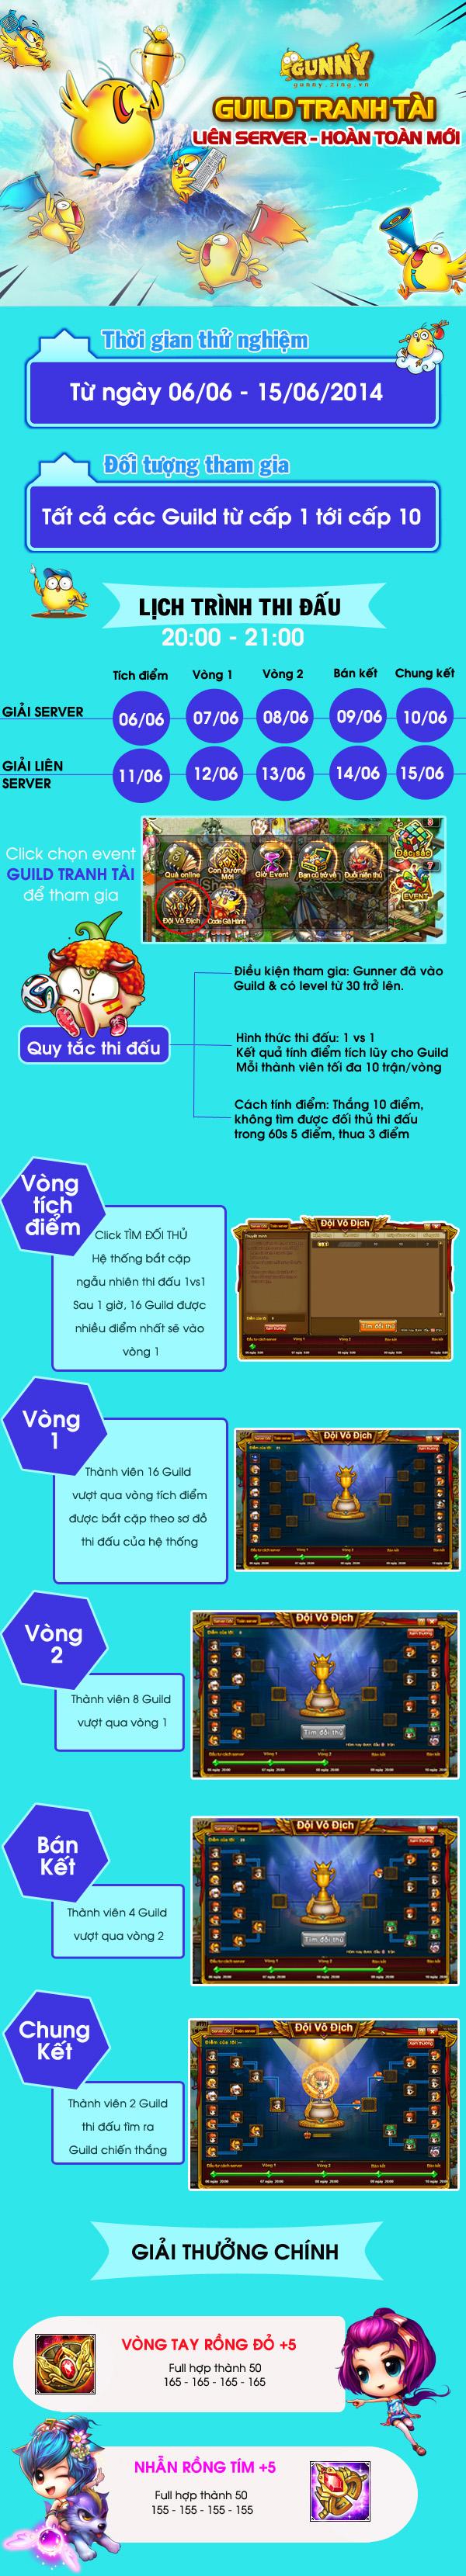 Gunny: Guild tranh tài liên server phiên bản mới